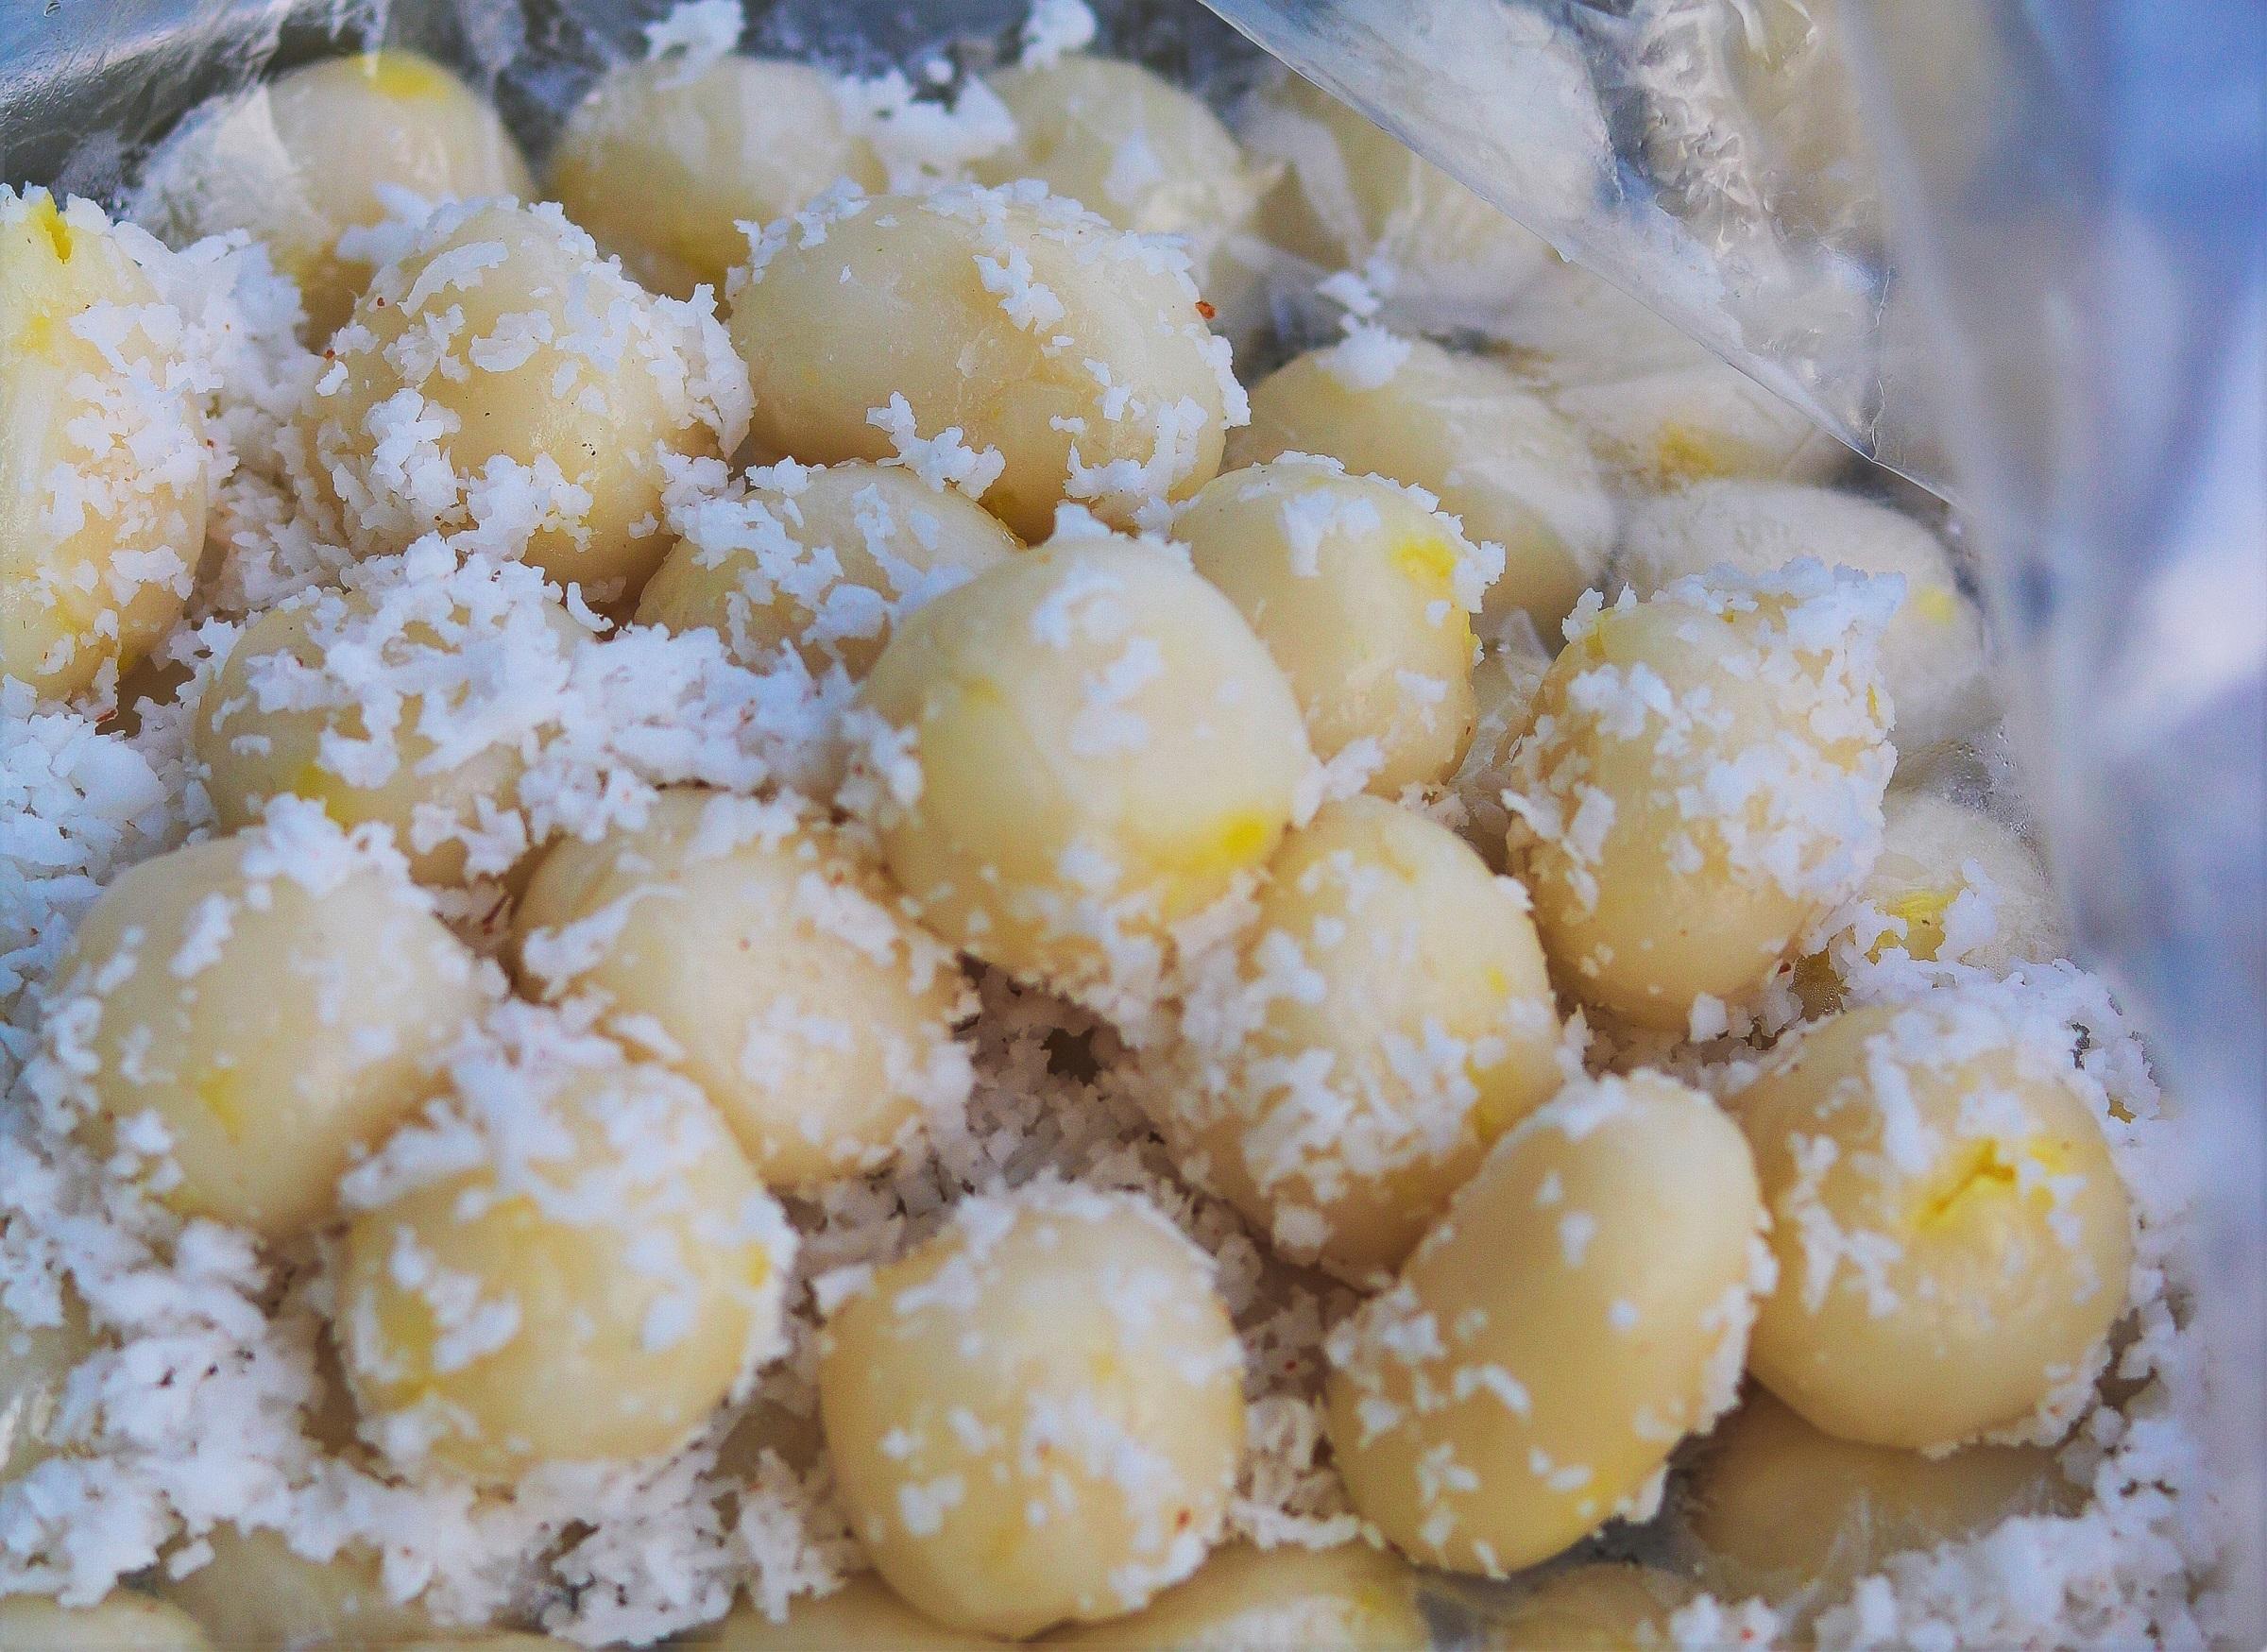 Bánh bao chỉ có hình dáng nhỏ nhắn, khác với loại bánh bao làm từ bột mì hấp nóng thường thấy, món bánh được làm từ bột nếp có nhân đậu xanh, đậu phộng, dừa hay mè đen. Vỏ bánh mỏng, mềm mịn trắng ngà, bên ngoài tẩm cơm dừa nạo nhuyễn, khi ăn cảm nhận được mùi thơm của nếp và bùi của nhân bánh ngọt dịu. Ảnh: Thanh Bùi